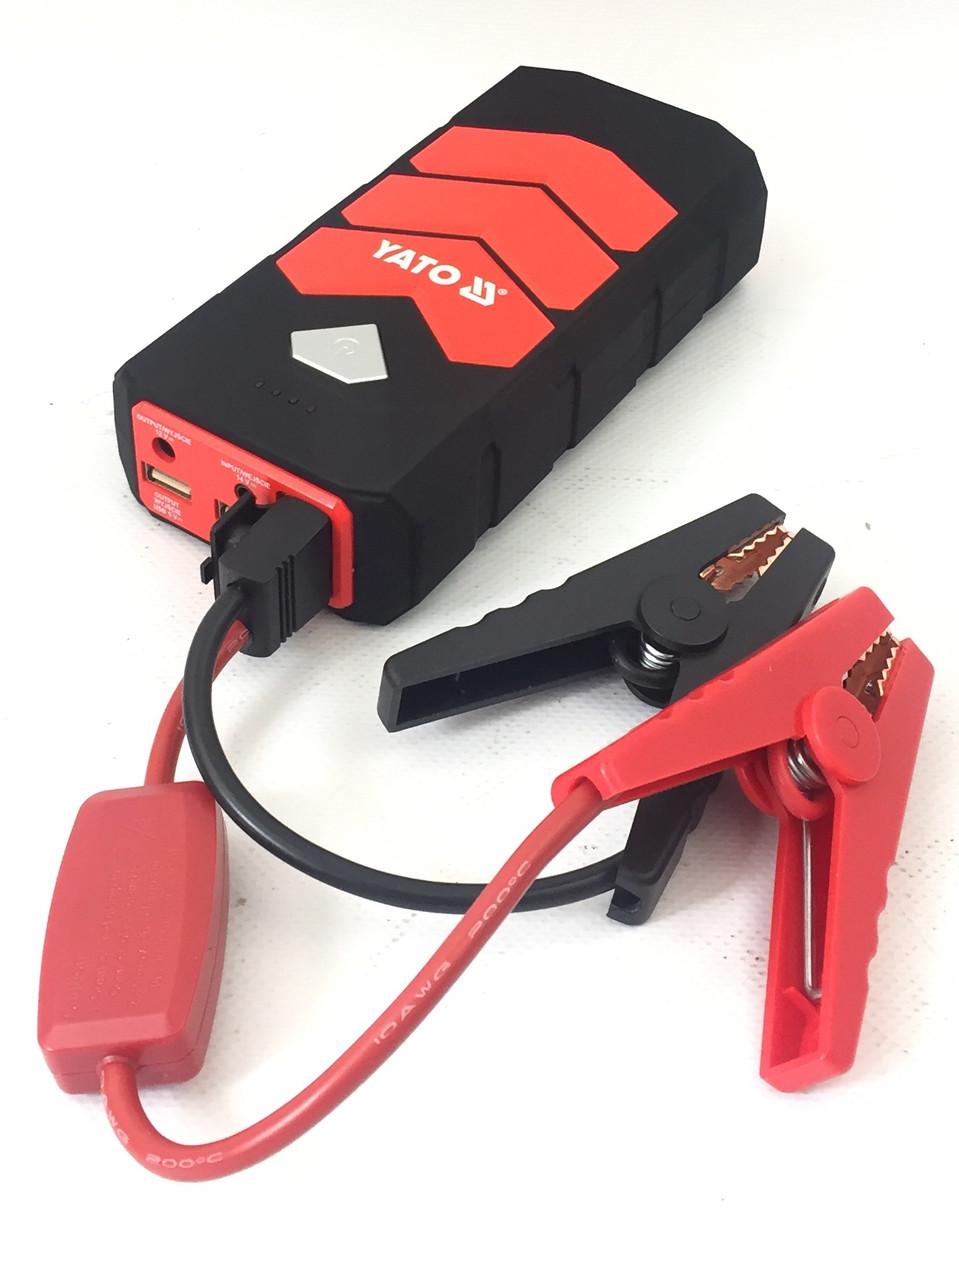 Портативний пусковий пристрій 9000 мА*ч + Power Bank + LED ліхтар YATO Польща (YT-83081)